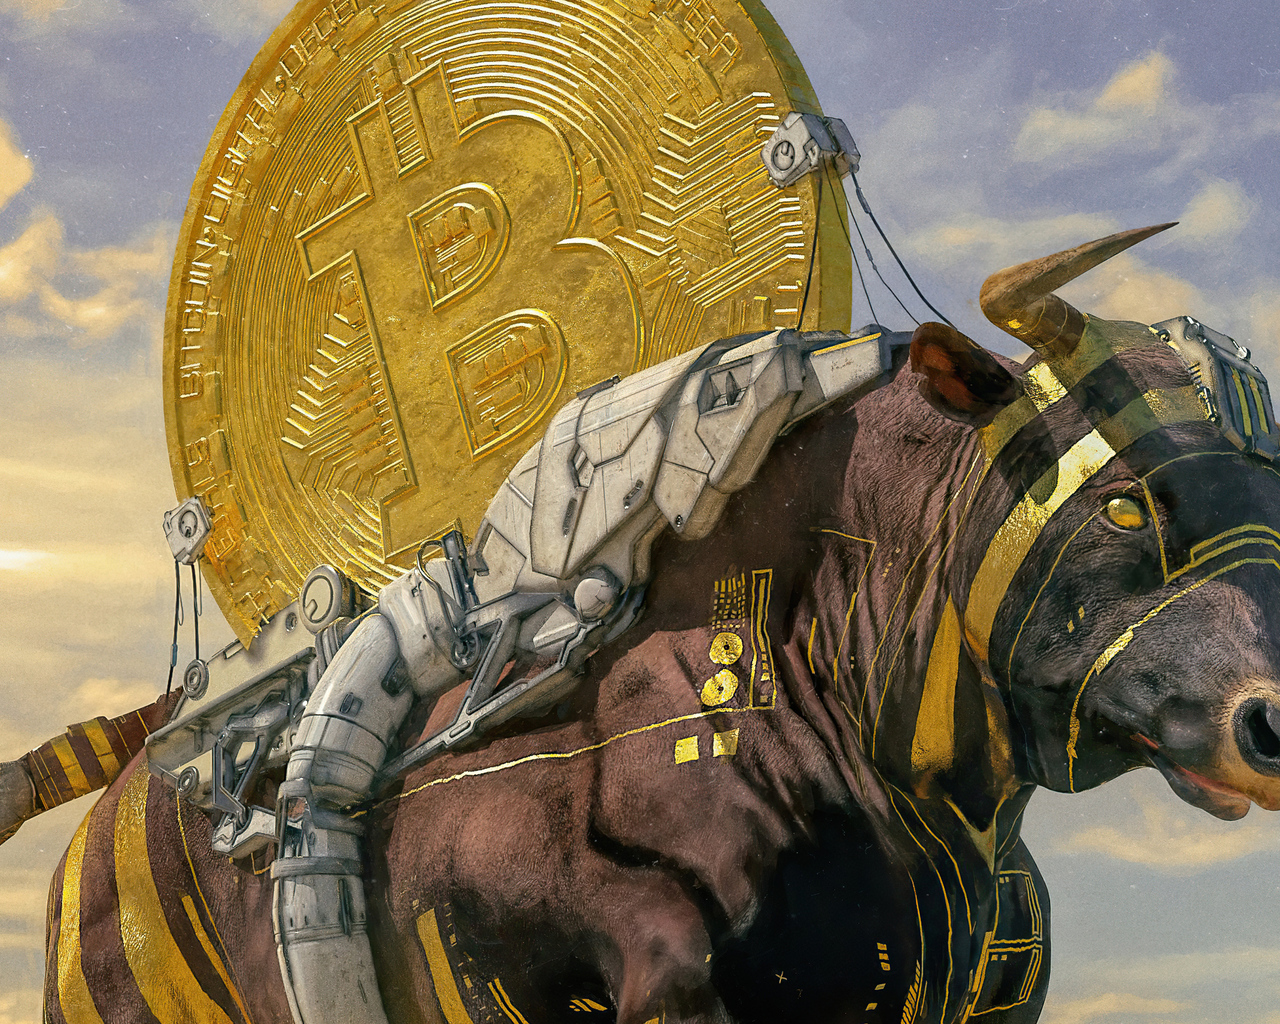 bitcoin-bull-4k-03.jpg